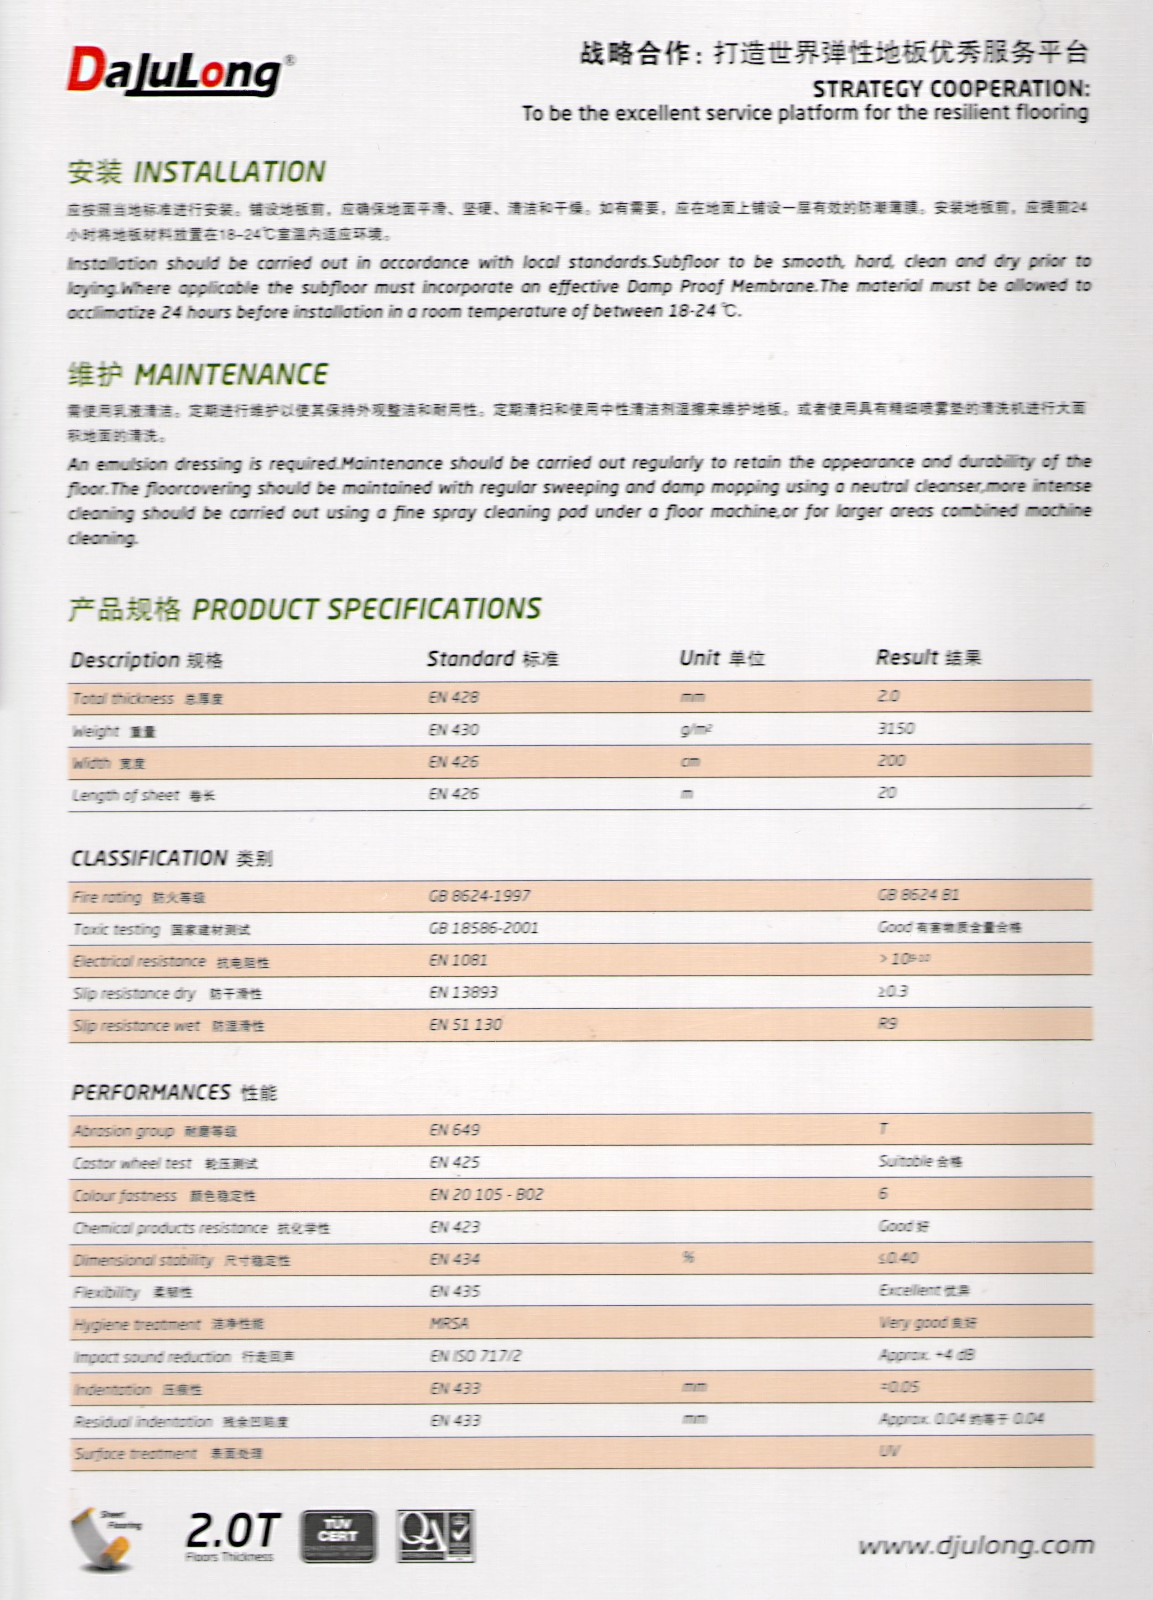 大巨龙哥伦比亚PVC地板 大巨龙系列-陕西棋牌挣钱建材有限责任公司